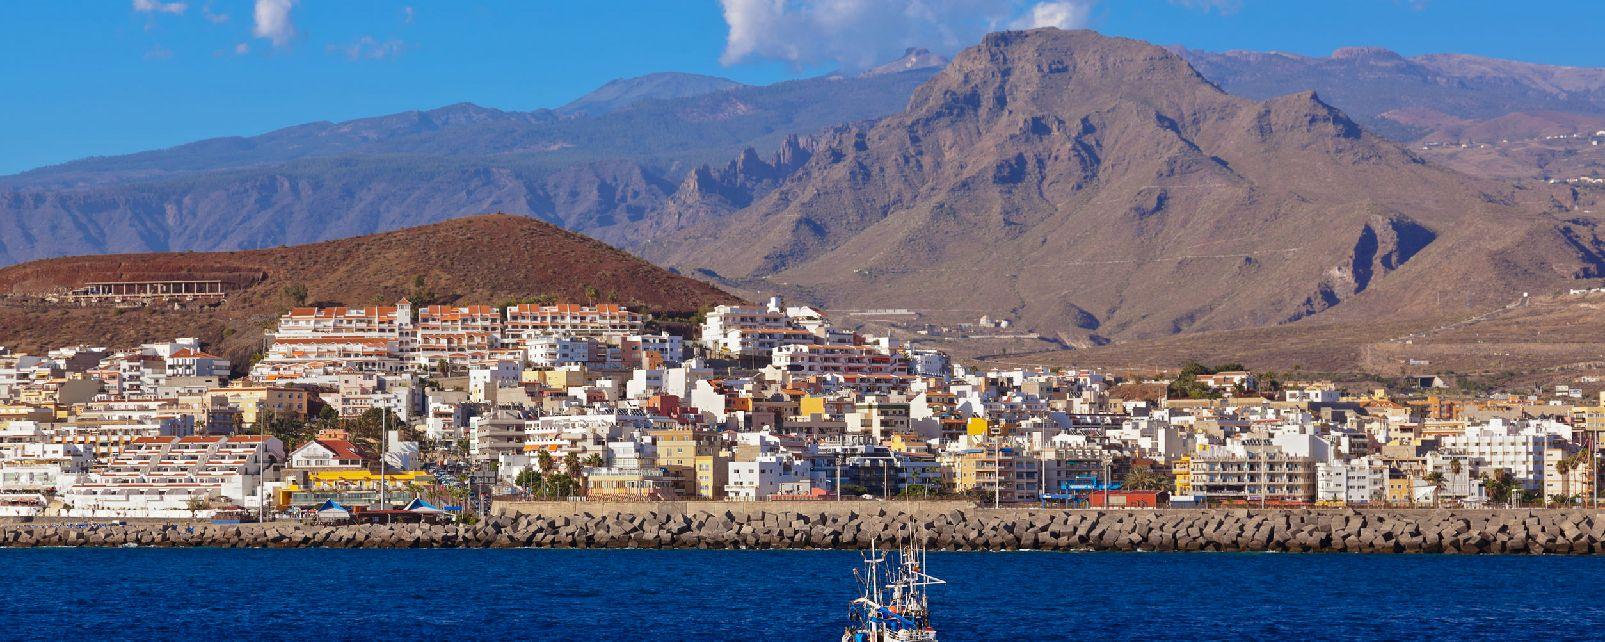 Tenerife , Los Cristianos , Espagne